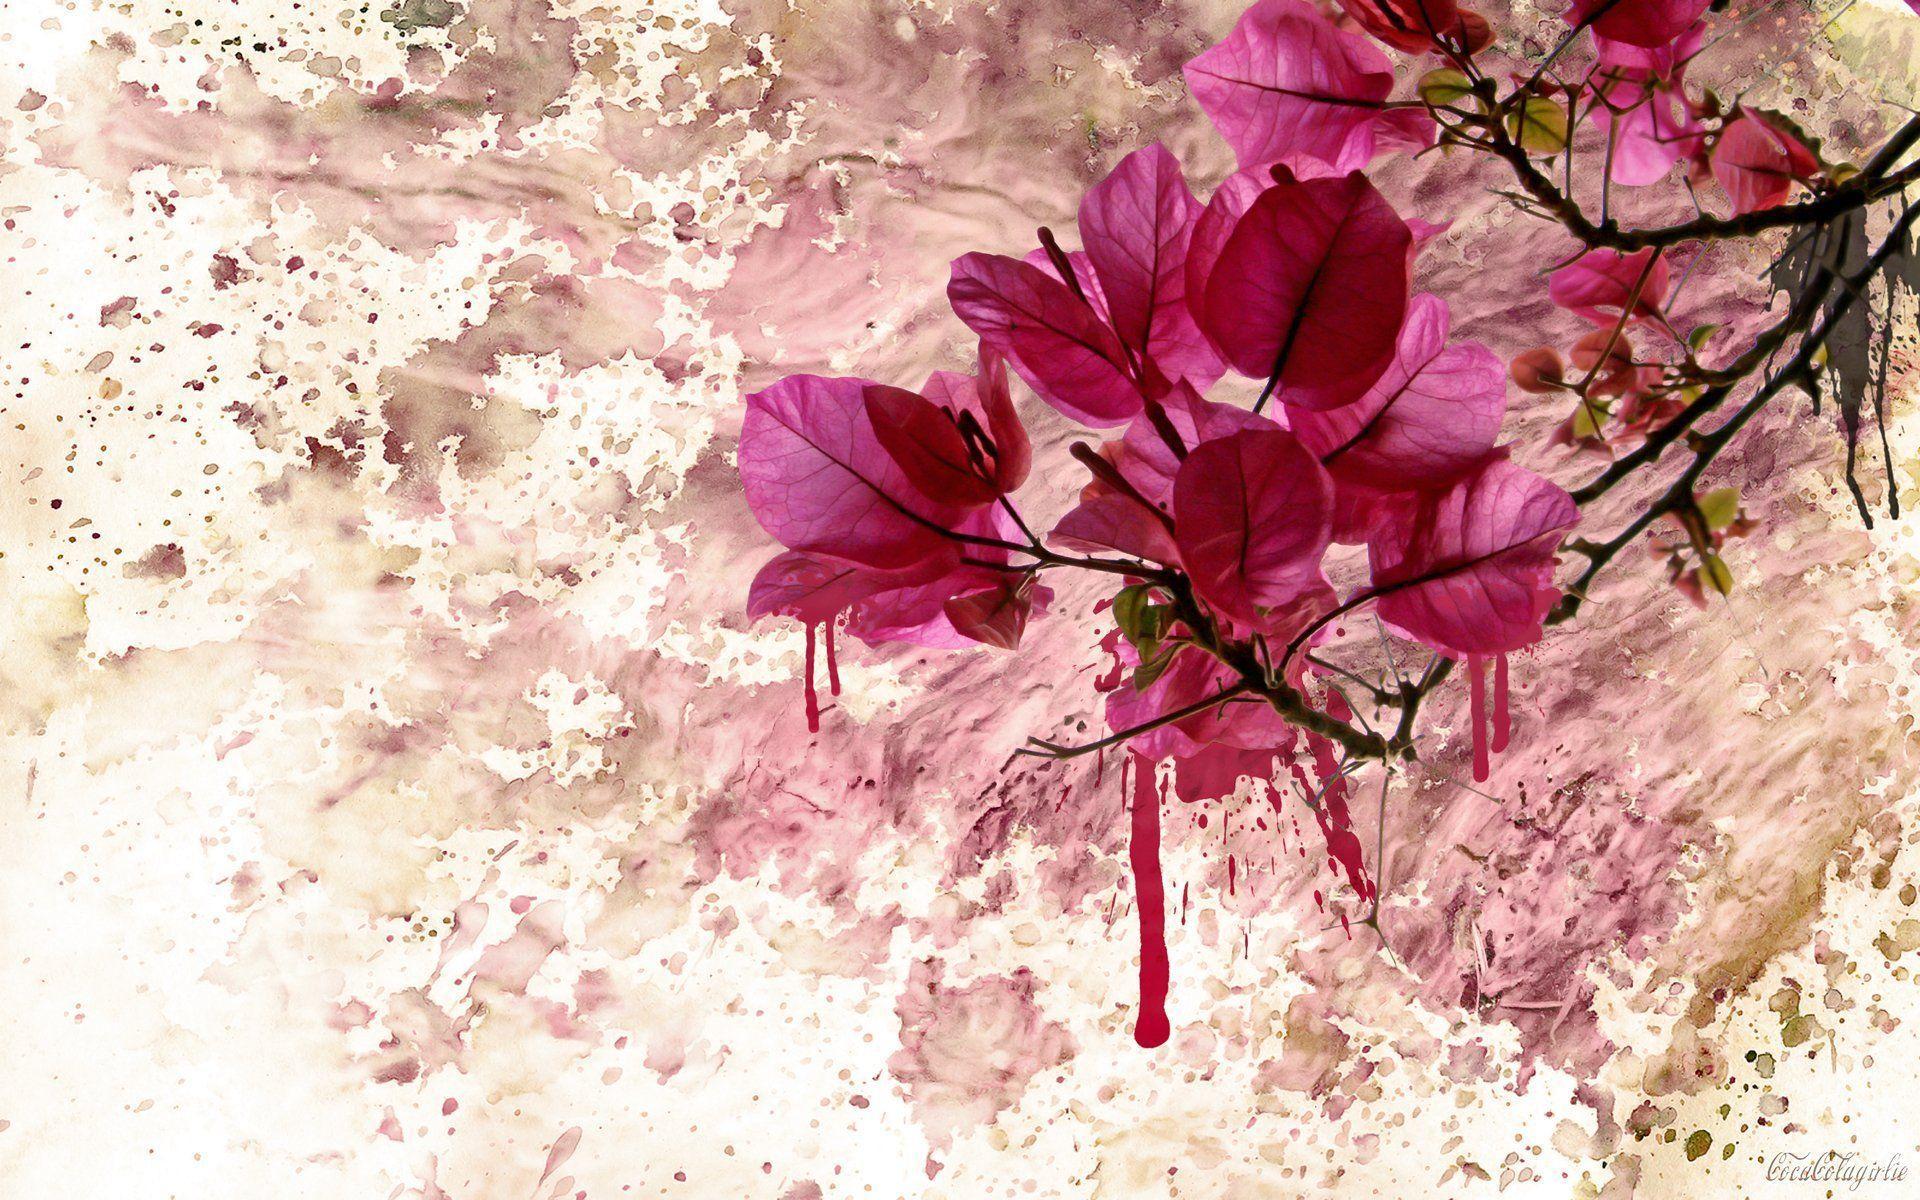 Flower Art Wallpapers - Top Free Flower Art Backgrounds - WallpaperAccess